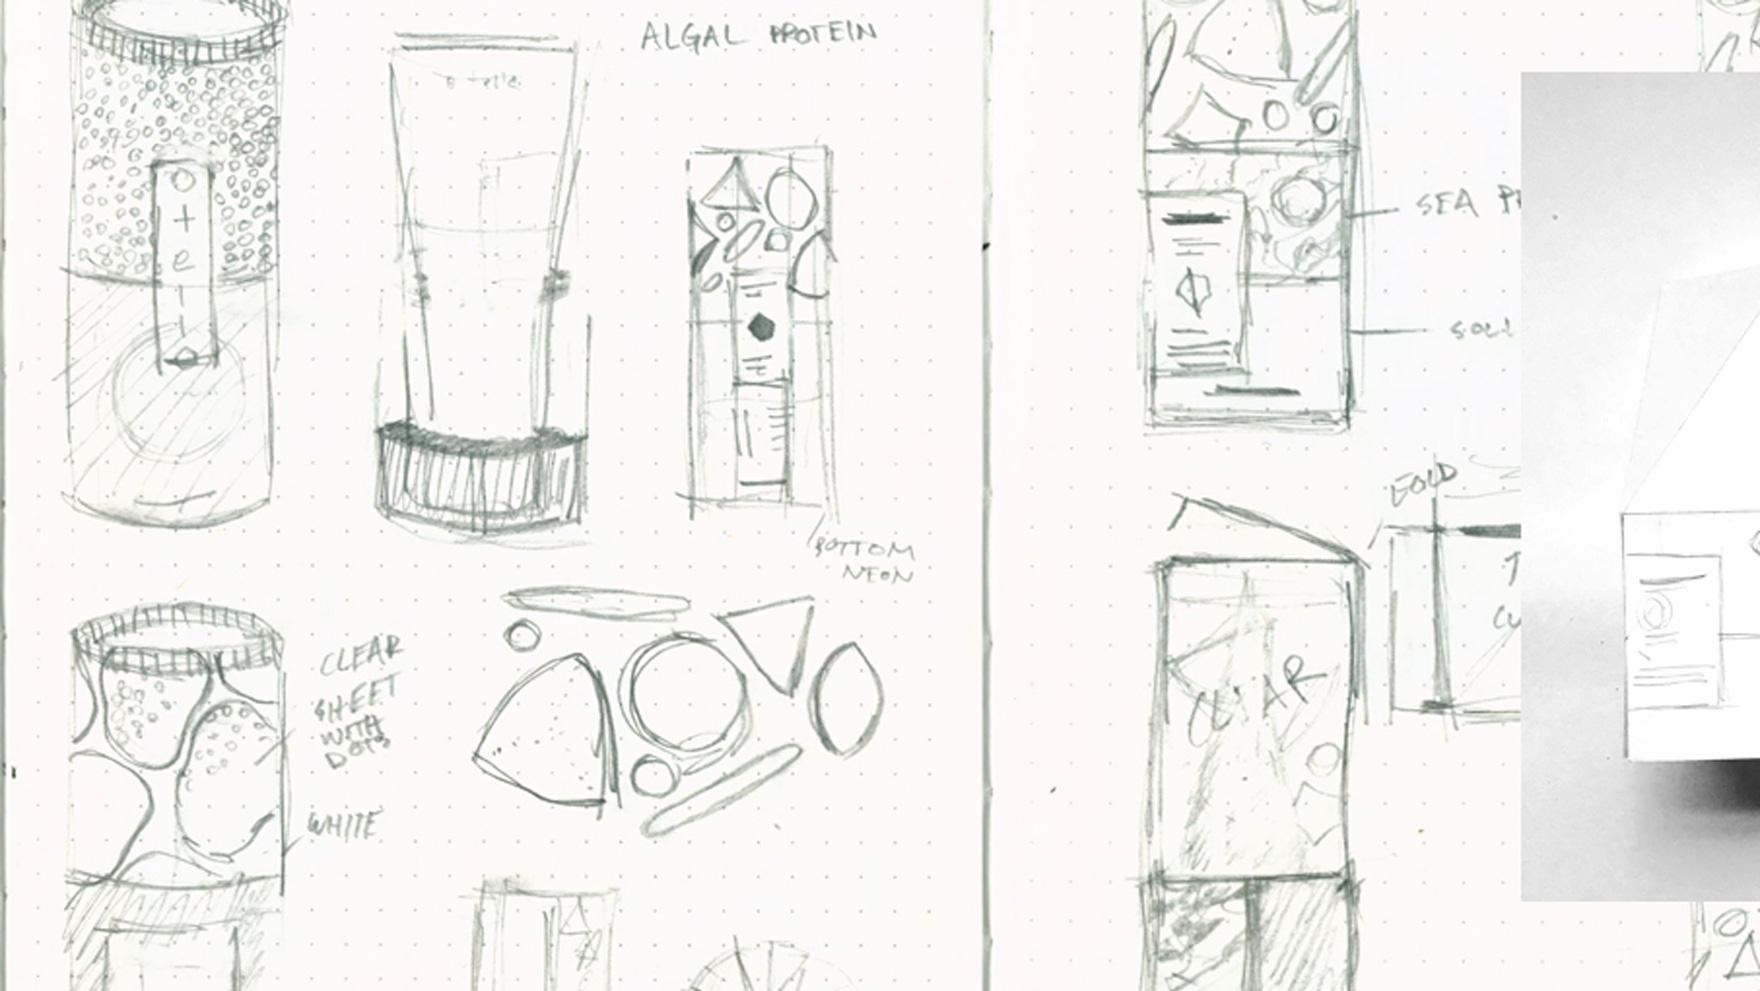 otella_sketches